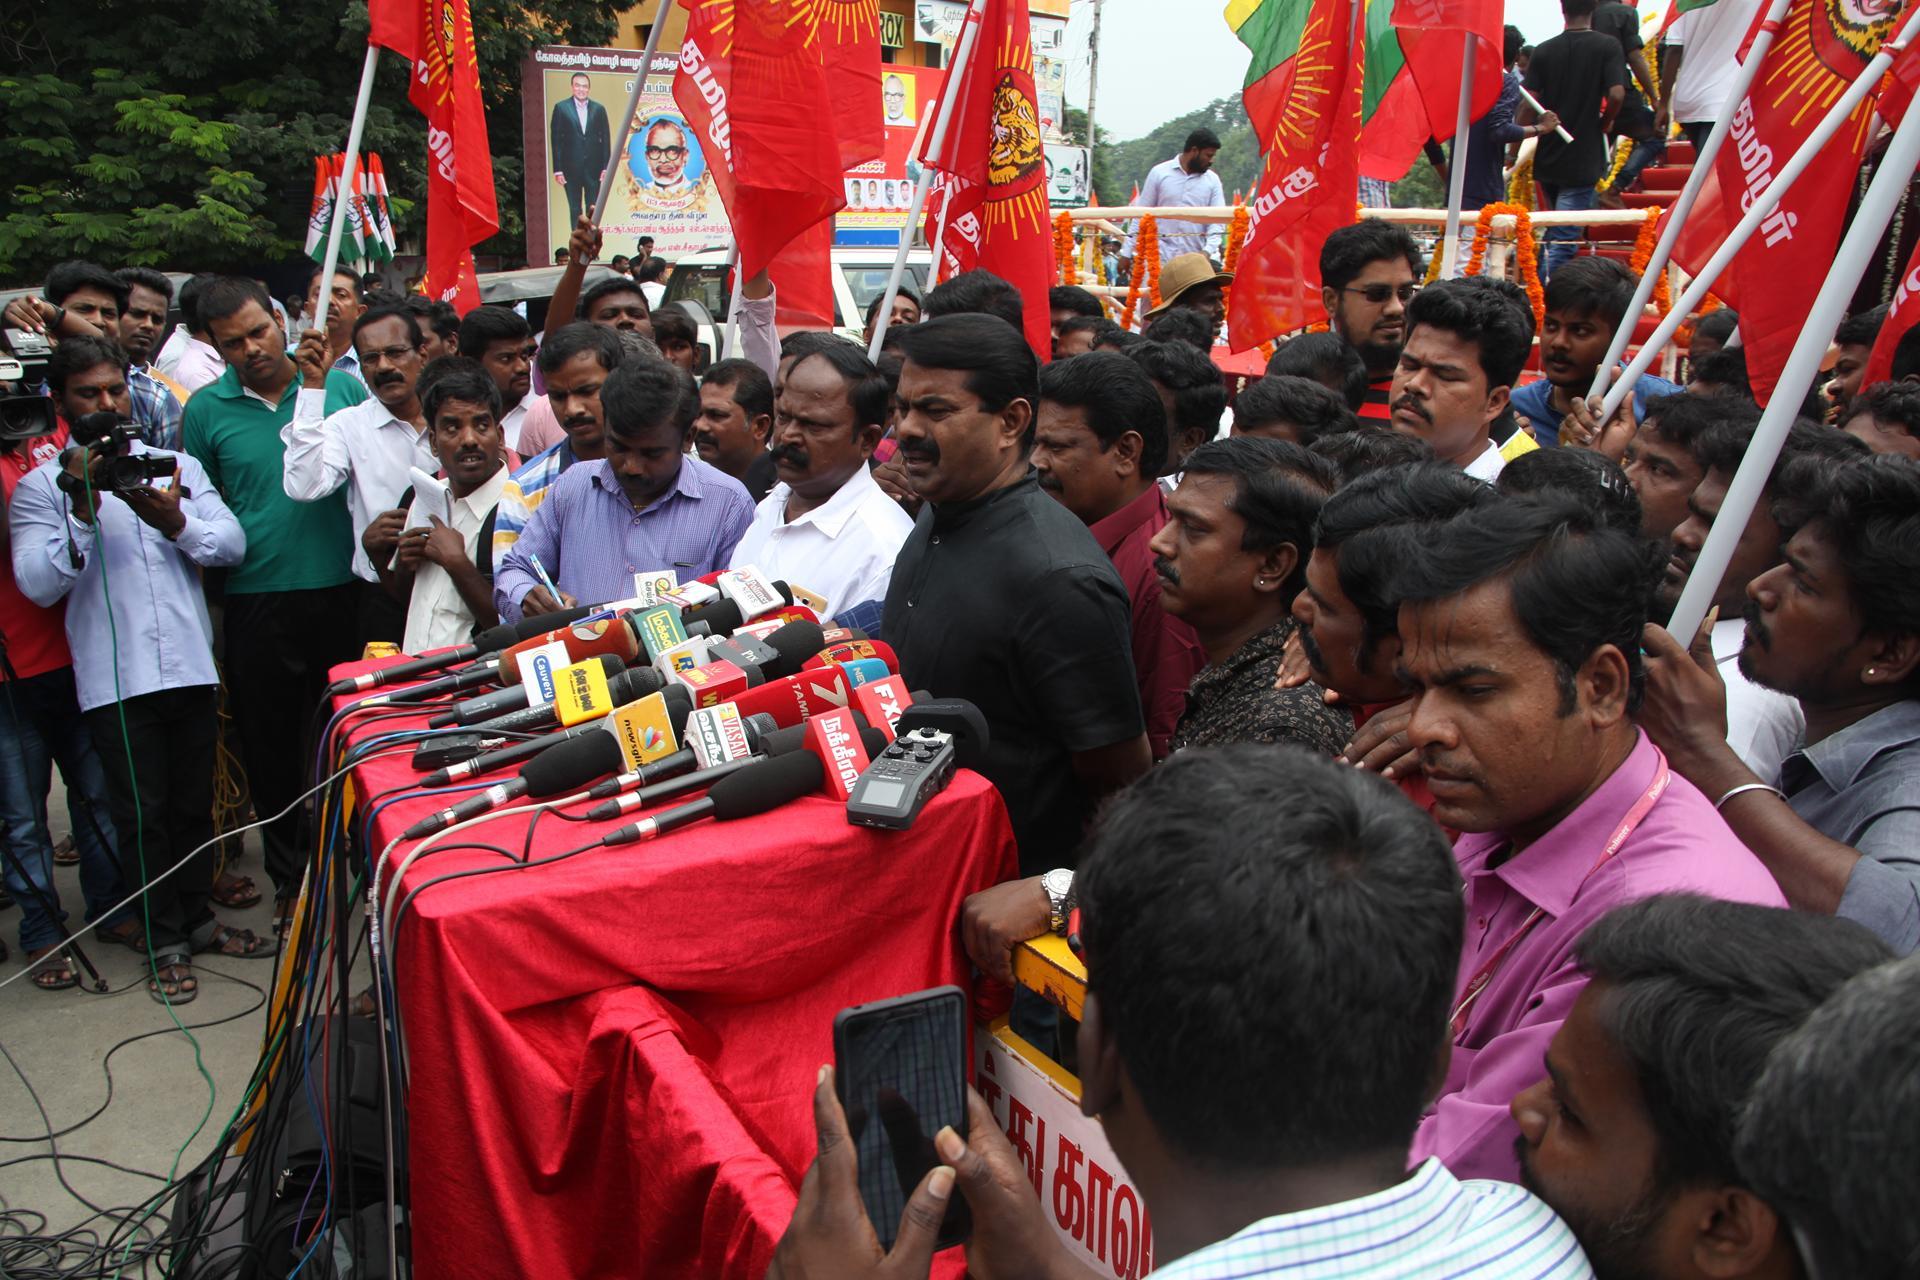 'தமிழர் தந்தை' சி.பா. ஆதித்தனார் 113ஆம் ஆண்டு பிறந்தநாள்: சீமான் மலர்வணக்கம் naam tamilar katchi seeman paying floral tributes si paa aadhithanar 113th birth anniversary6